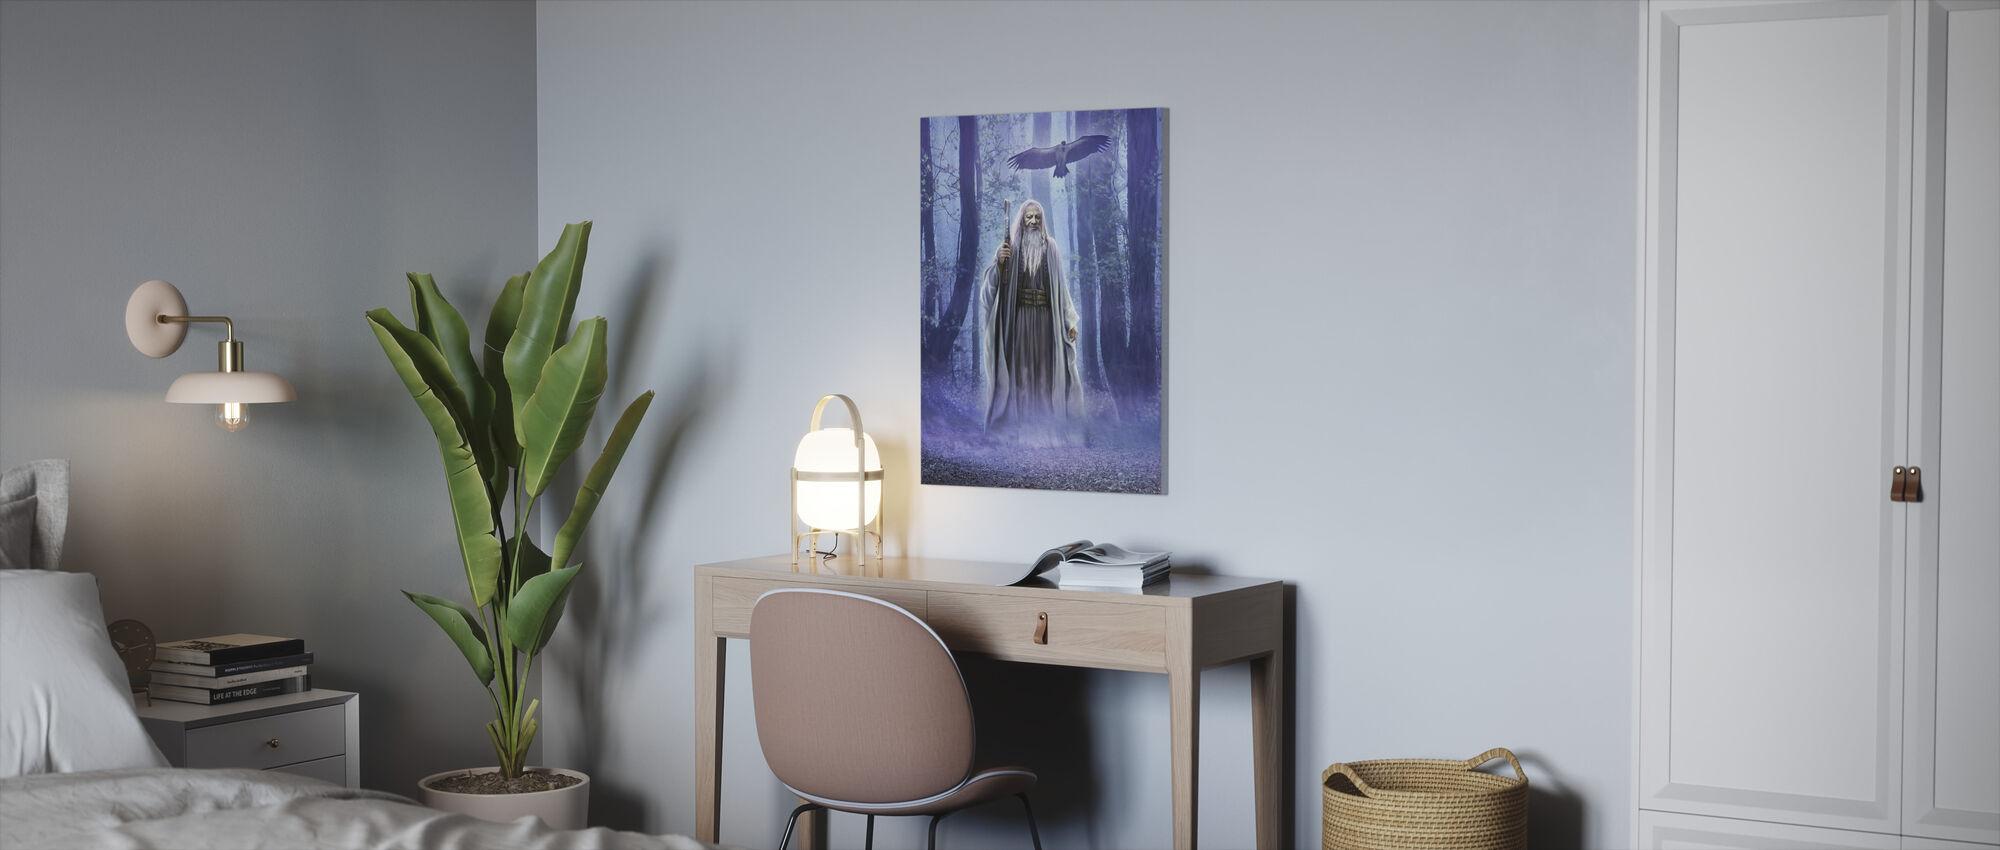 Druid - Canvastavla - Kontor